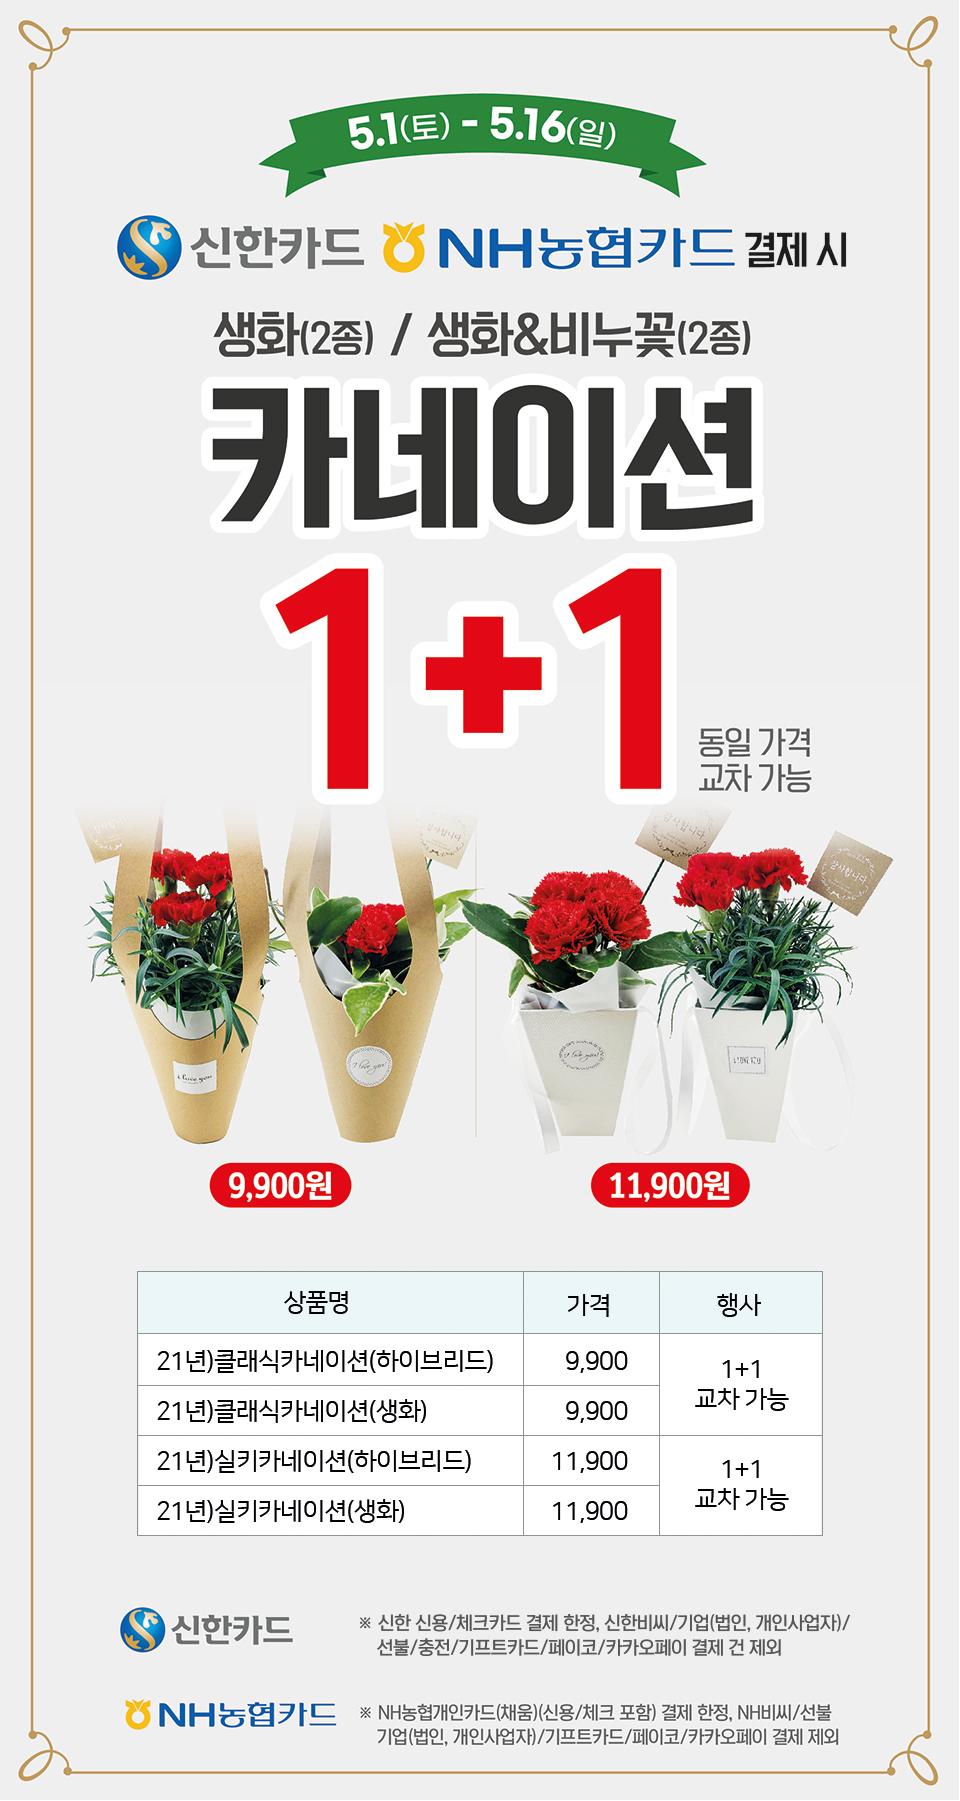 신한카드, NH농협카드 결제 시 카네이션 1+1